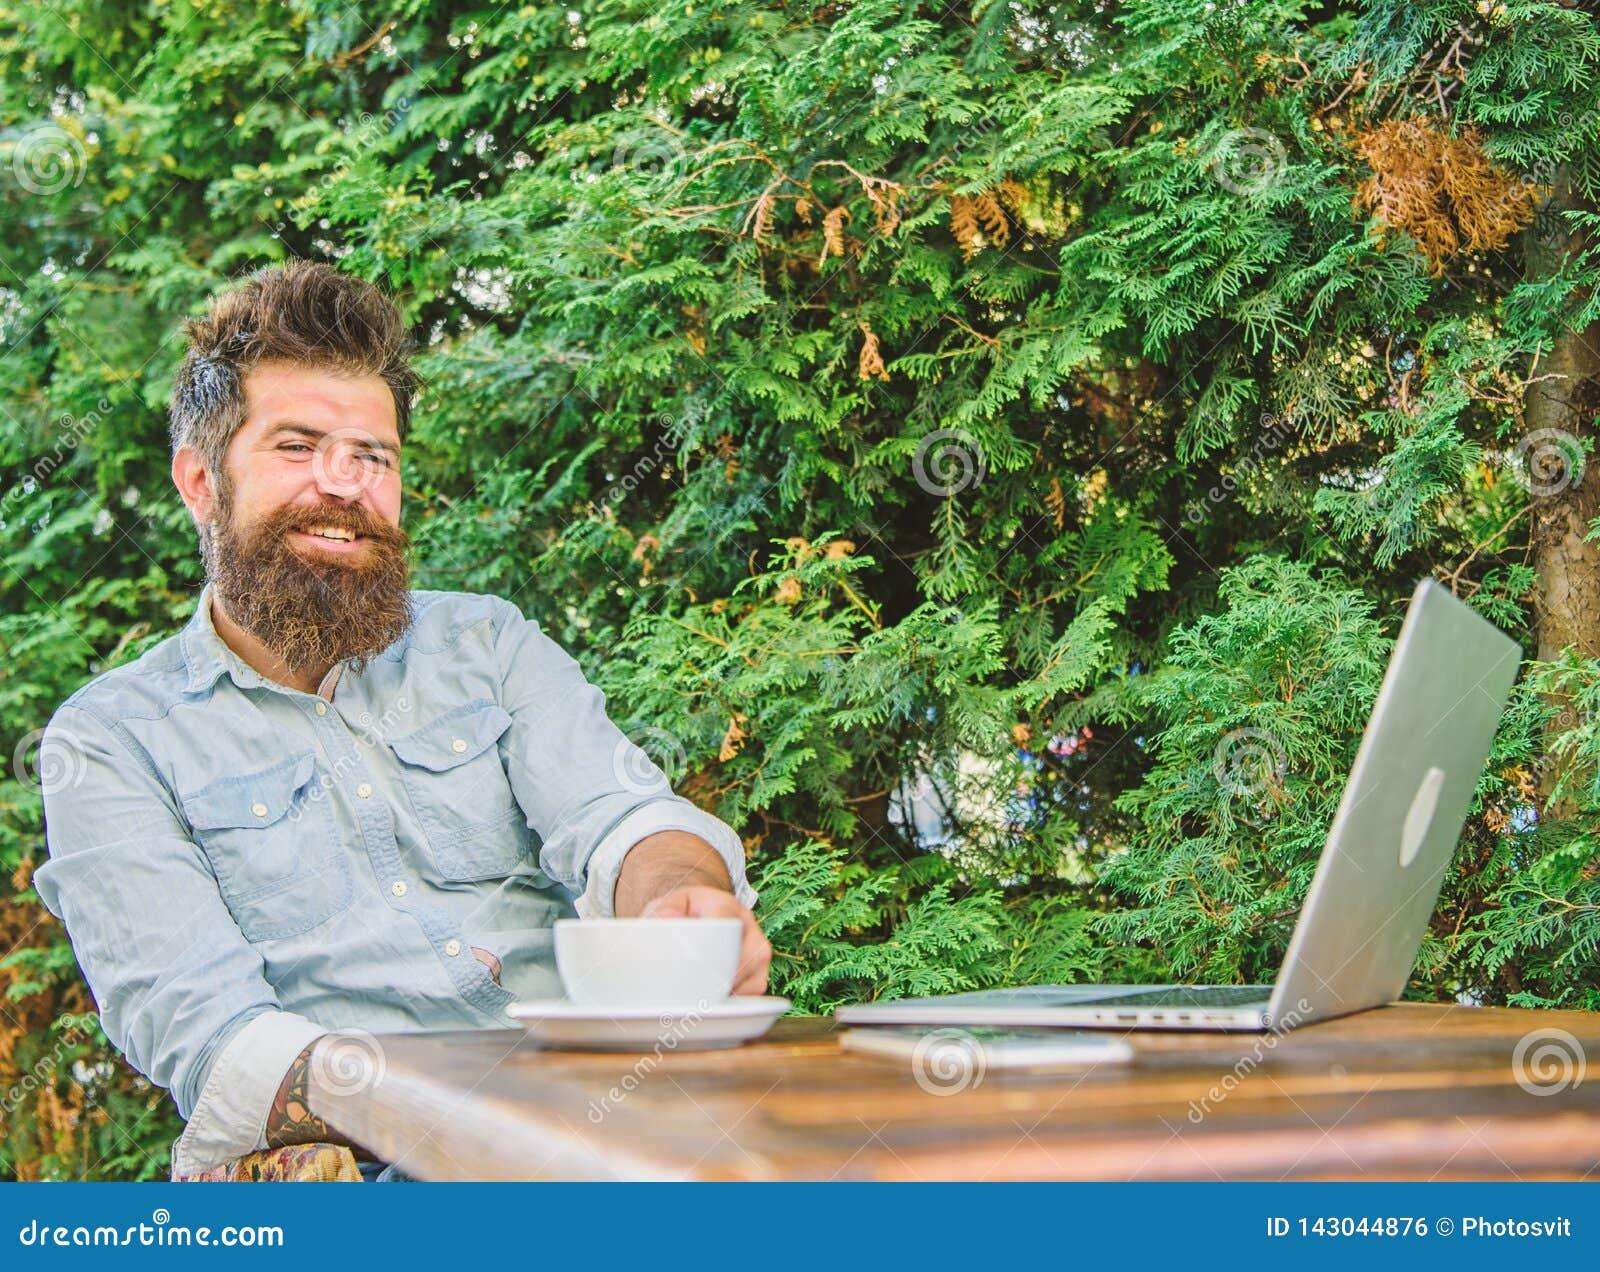 Prettig ogenblik Neem ogenblik om te denken Te ontspannen onderbreking Maakt mensen gebaarde hipster pauze voor drinkt koffie en